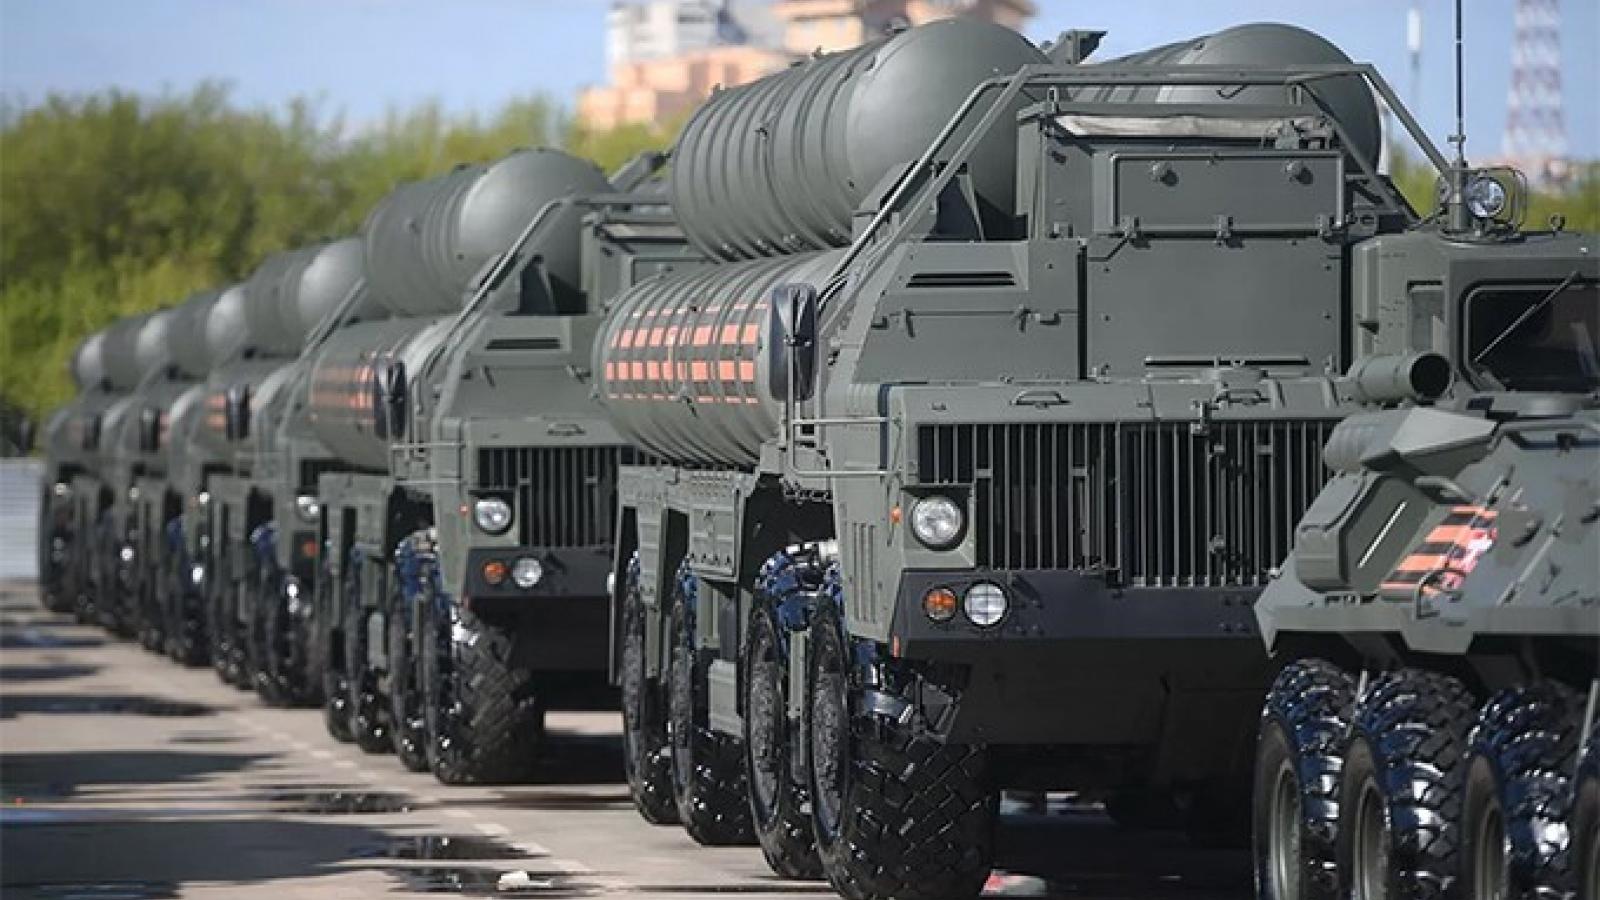 Thổ Nhĩ Kỳ:Không có căn cứ pháp lý để bán lại S-400 mua từ Nga cho Mỹ